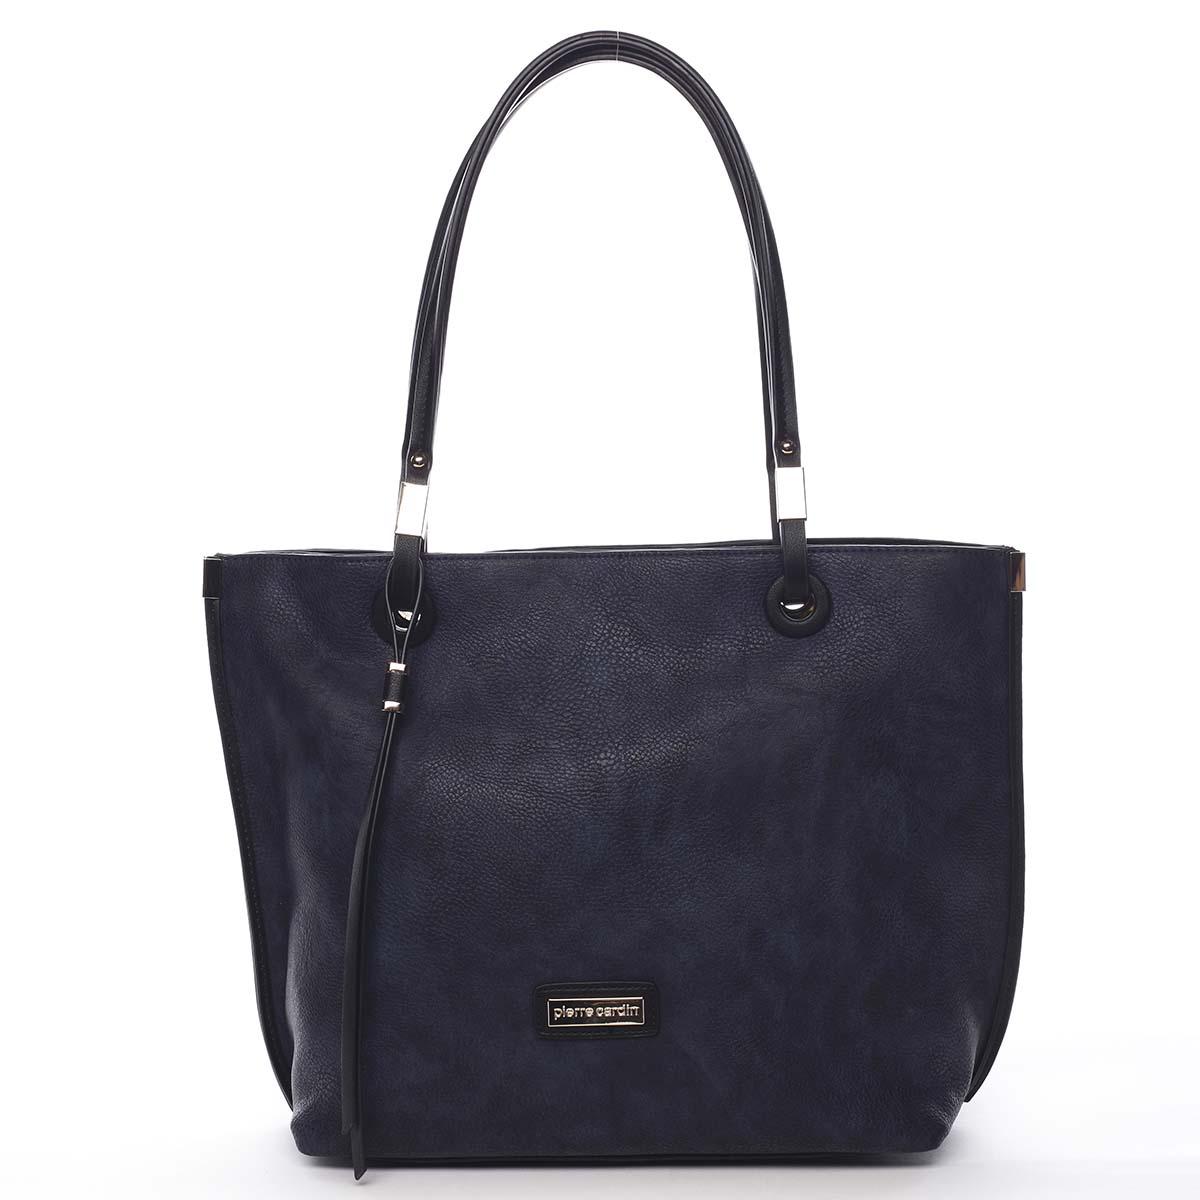 Luxusní dámská kabelka šedá modrá - Pierre Cardin Comtesa